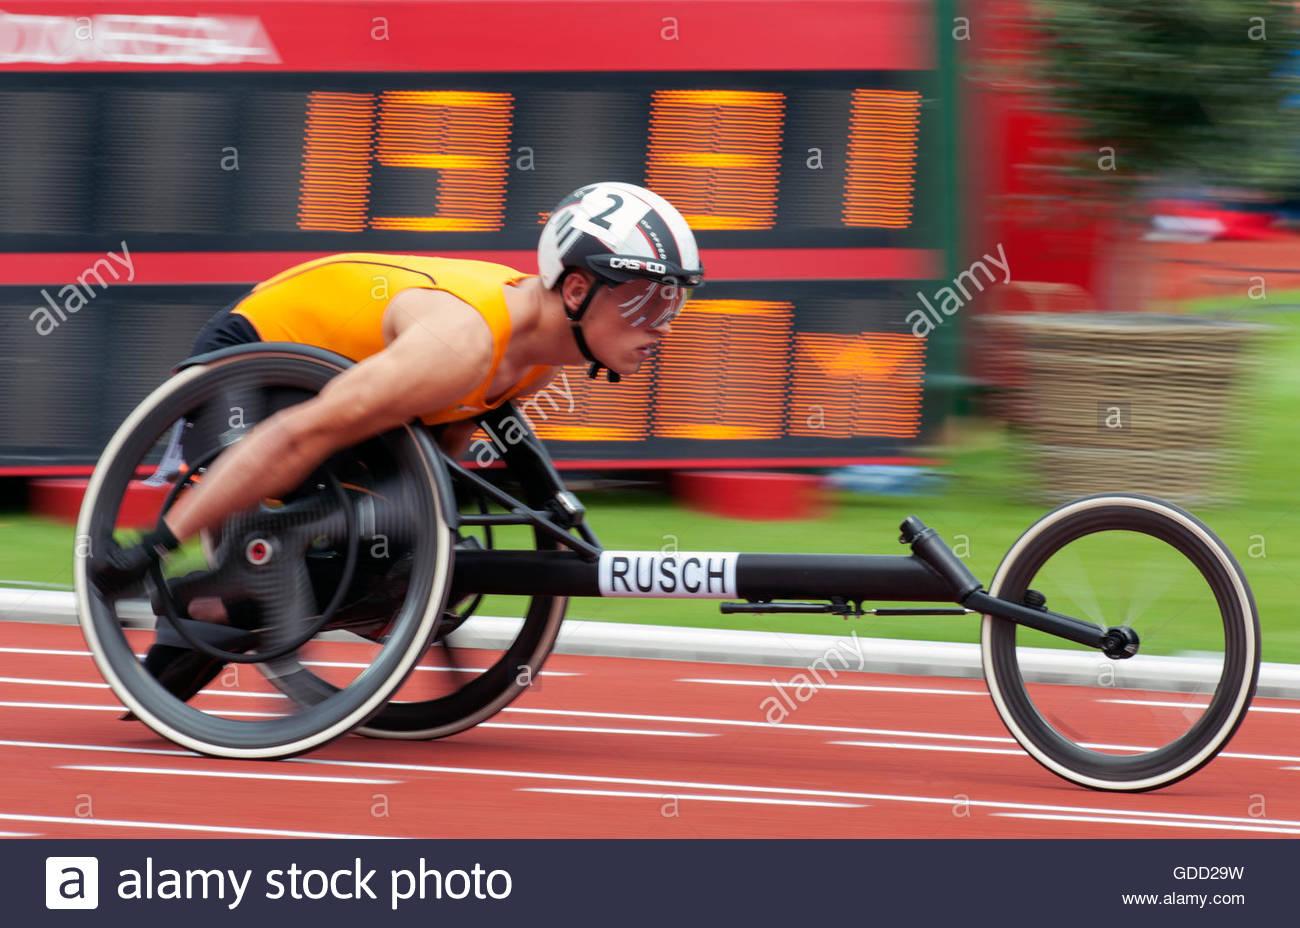 Amsterdam Paesi Bassi 8 luglio 2016 Campionato Europeo di Atletica in Amsterdam. 100m uomini T34 Rusch Stefan (NED) Immagini Stock